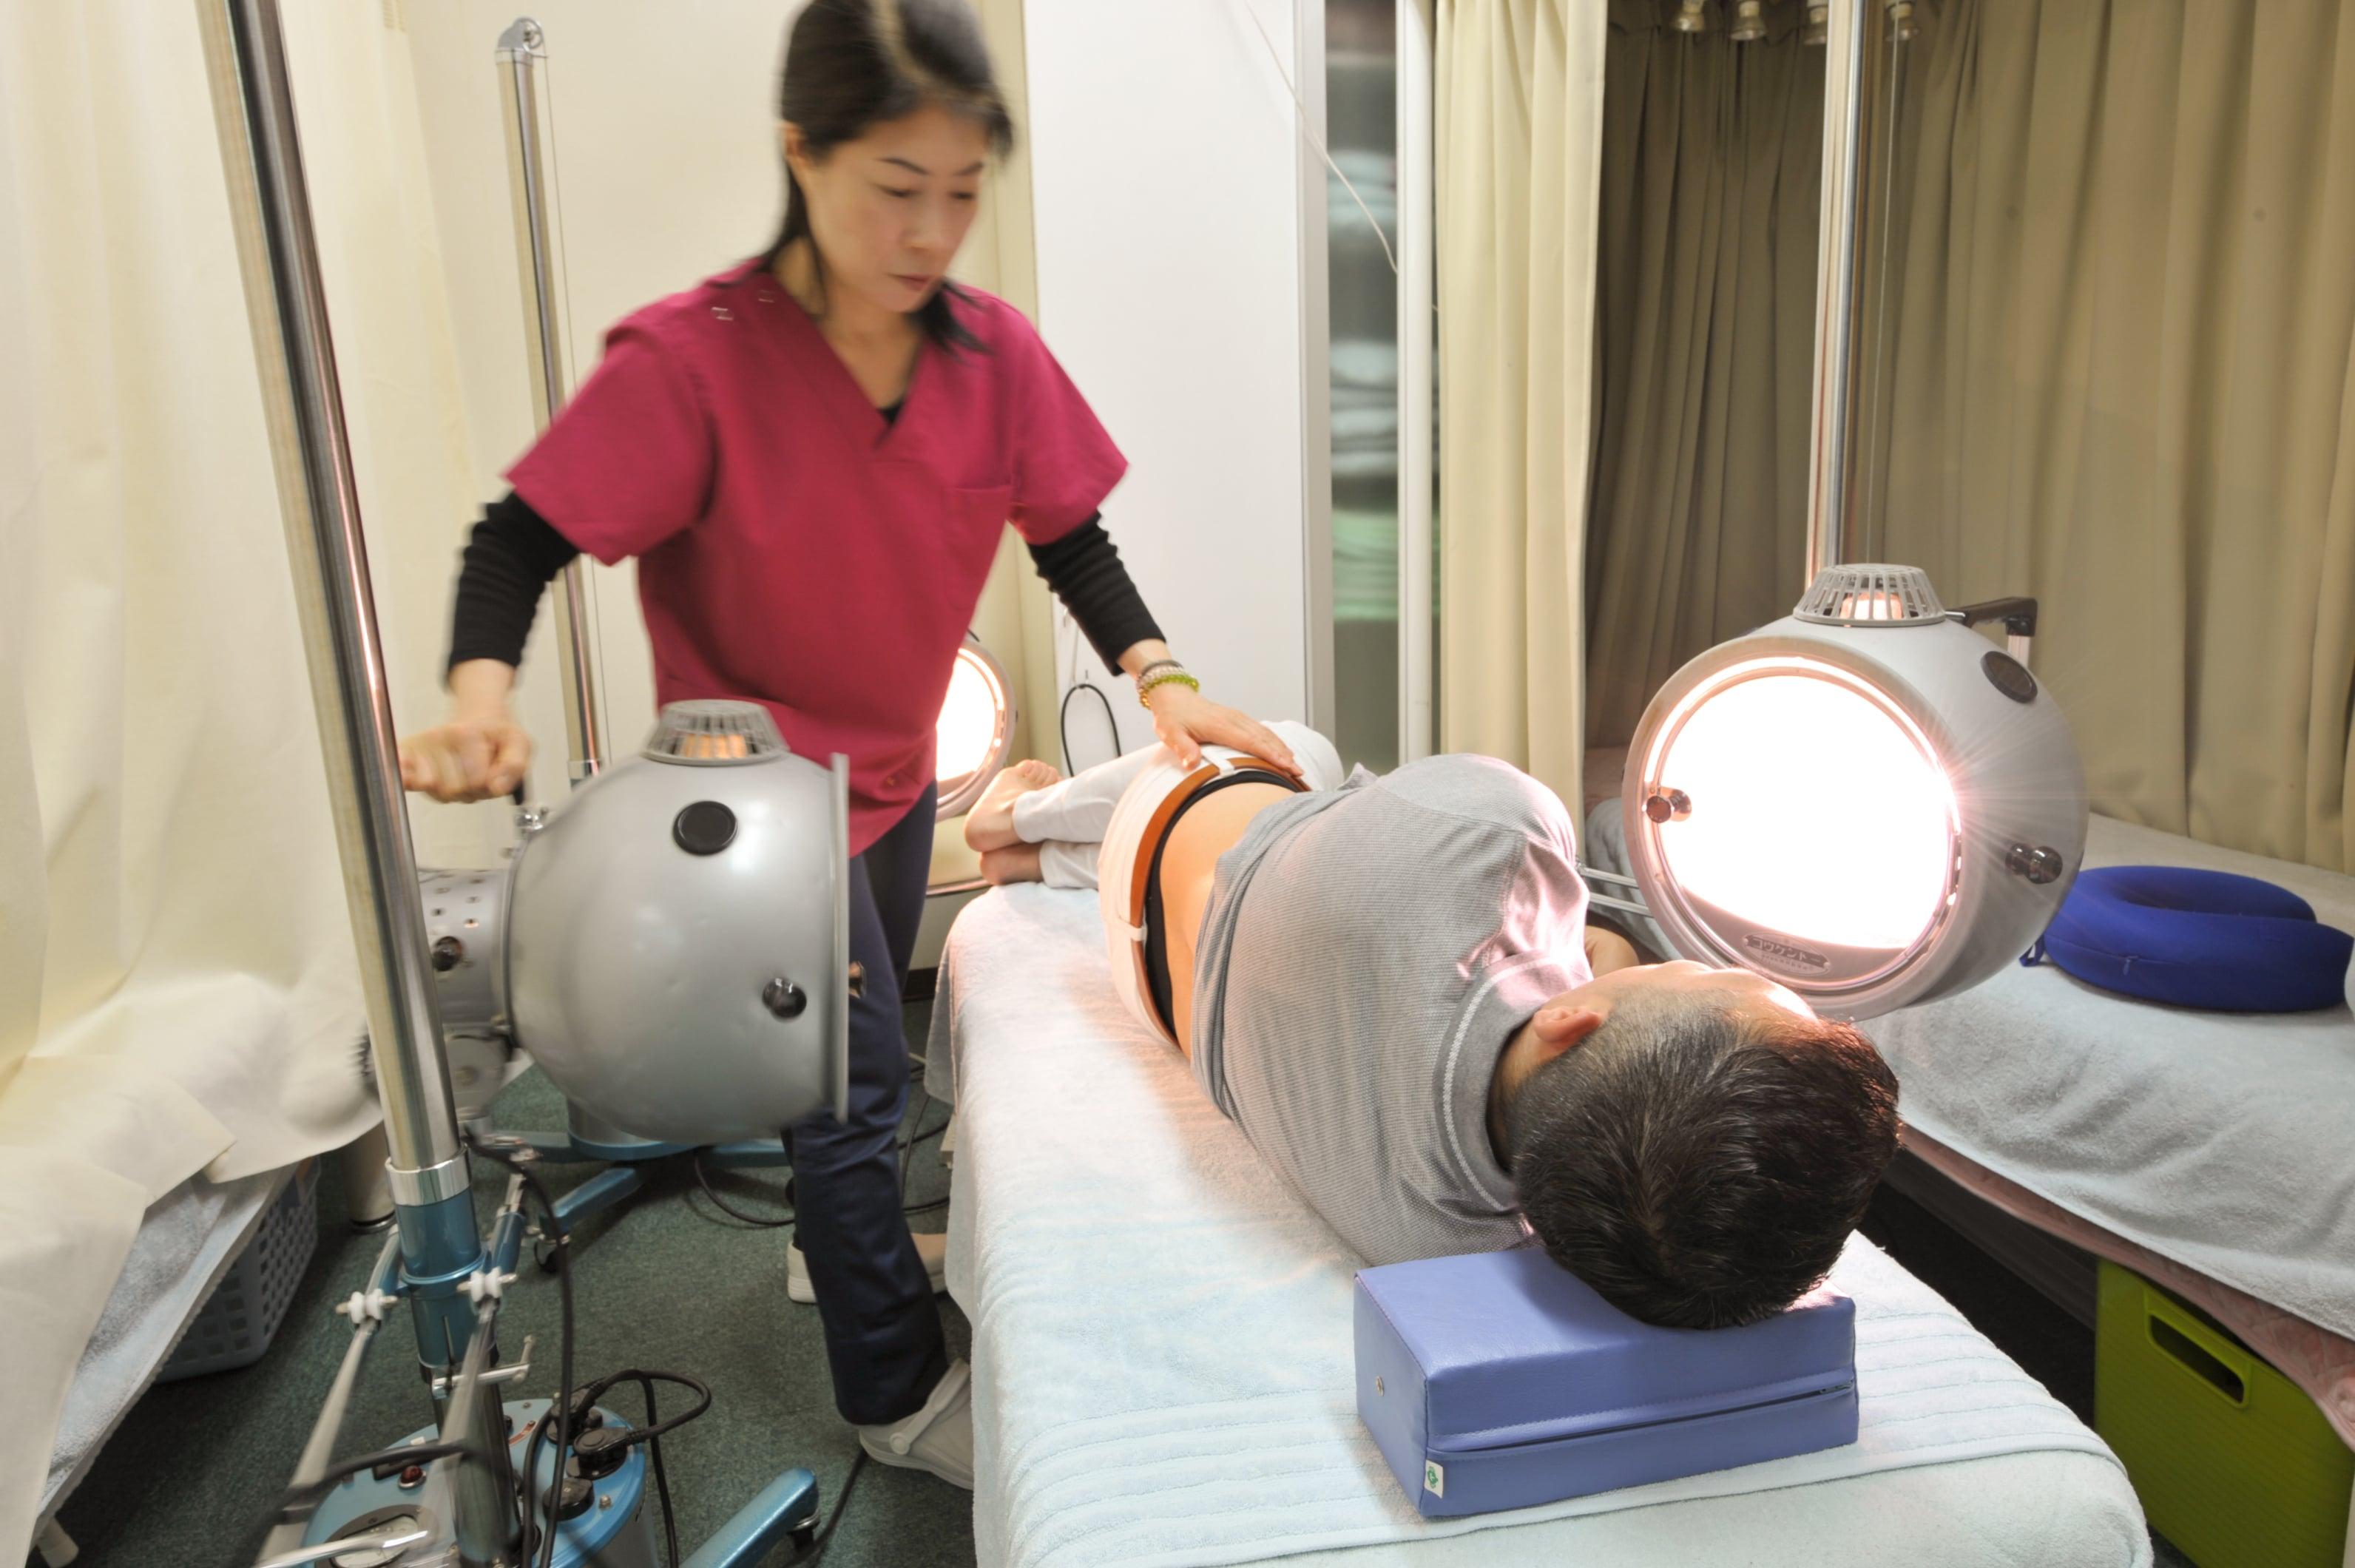 光線療法回数券(3回)ちょっと珍しい施術!!肌のお悩みをお持ちの方はとくにおすすめです♪のイメージその1